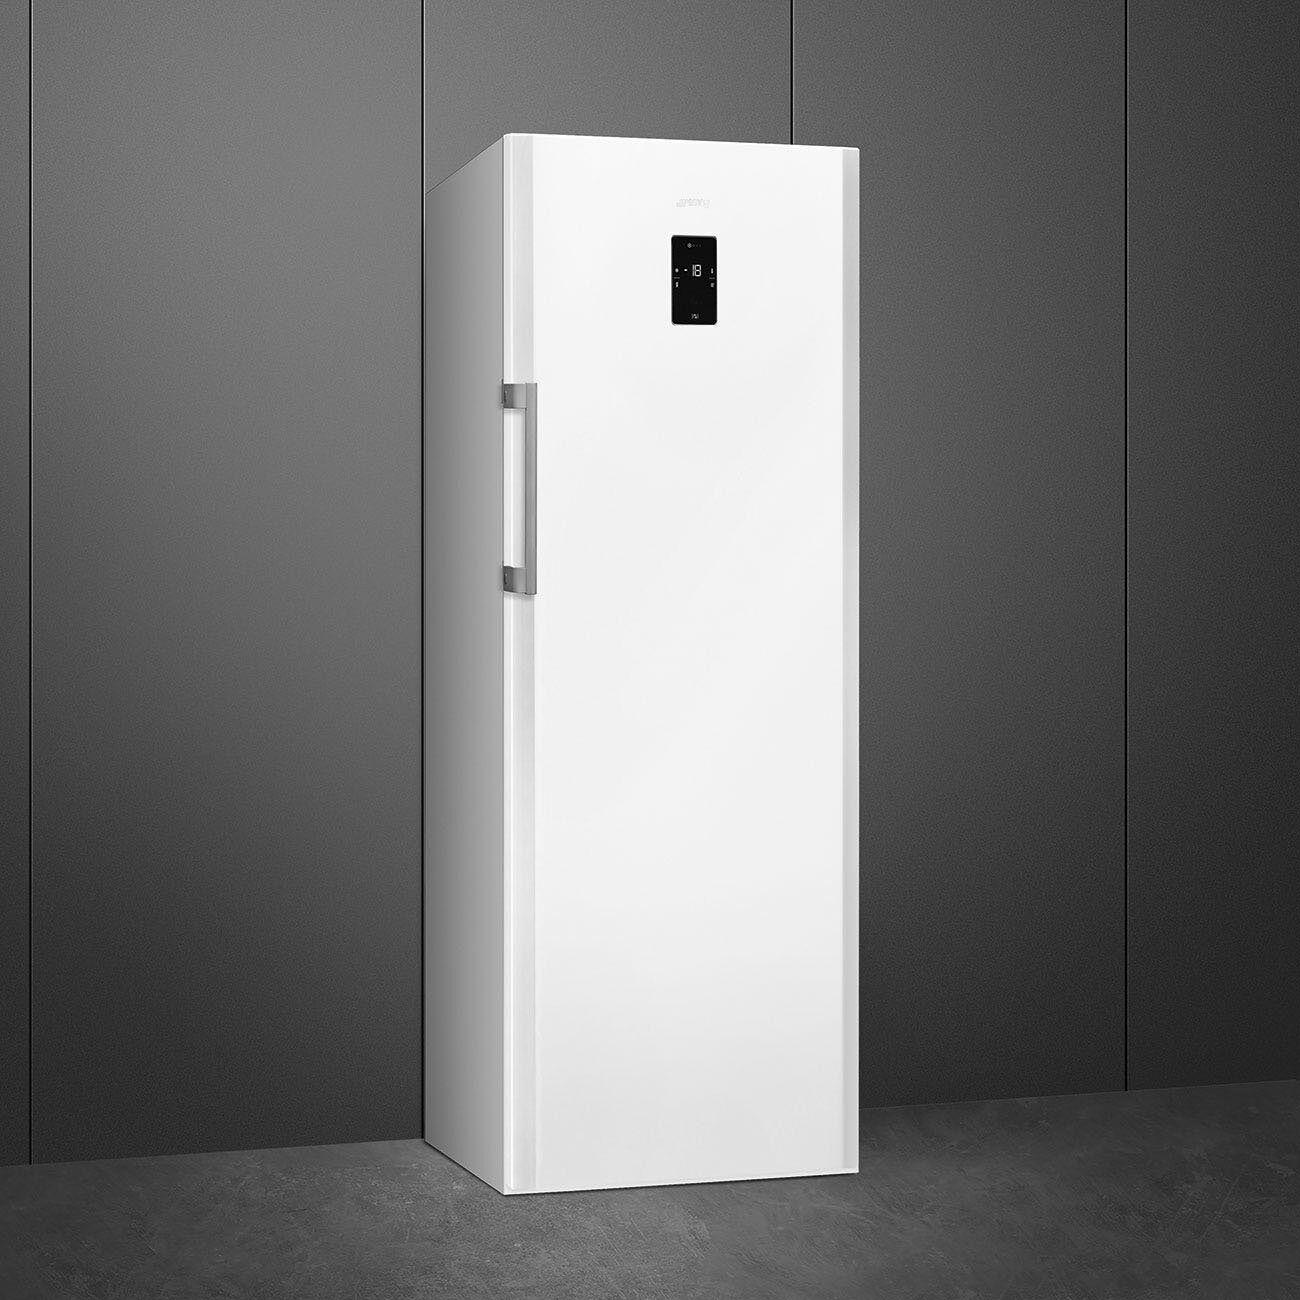 SMEG Gefrierschrank CV2902PNE, 171,5 cm hoch, 59,5 cm breit, Energieeffizienzklasse A++